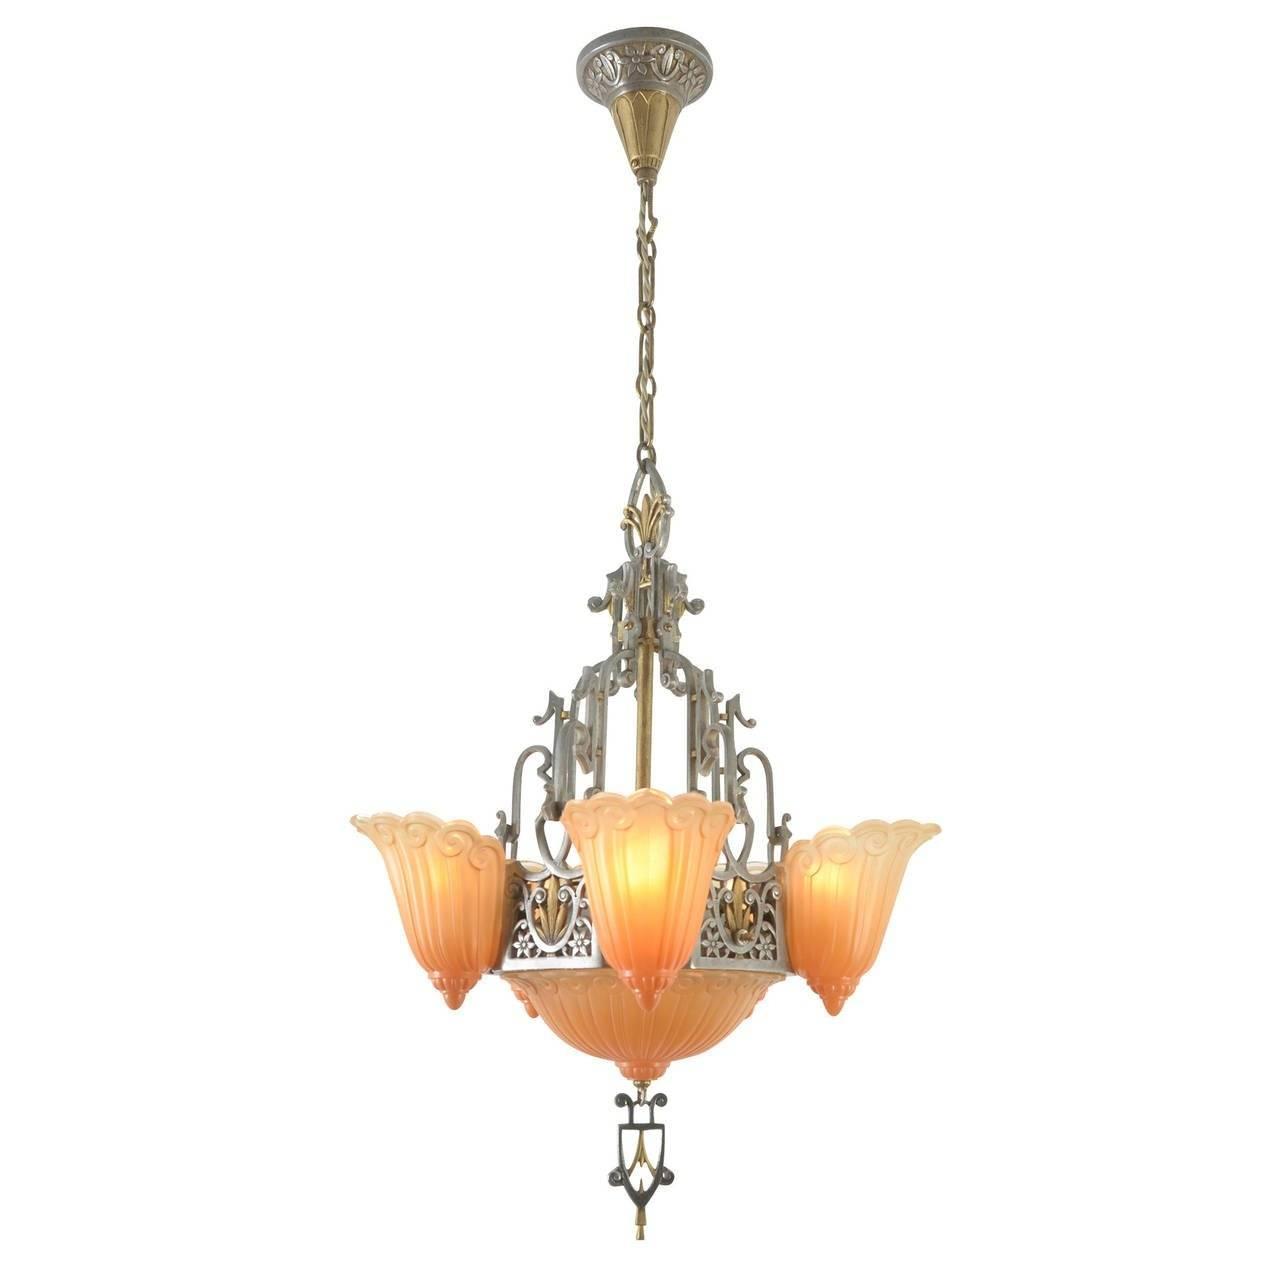 """Six-Light Sears """"fleur-De-Lis"""" Chandelierlincoln, Circa 1934 throughout Fleur De Lis Lights Fixtures (Image 14 of 15)"""